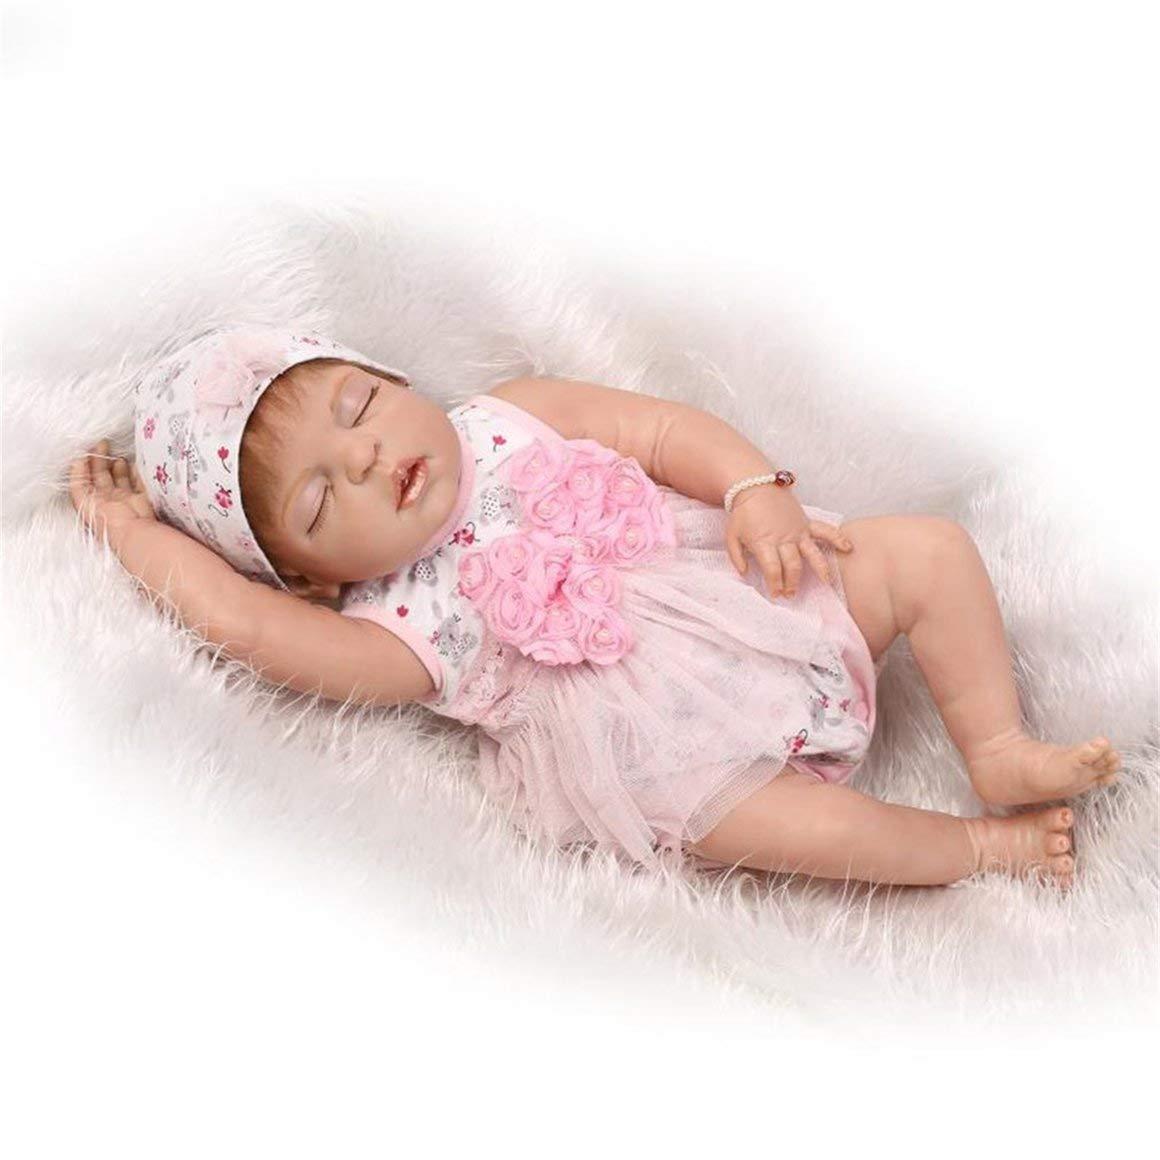 hasta un 60% de descuento Funnyrunstore 56cm muñecas de bebé Reborn Reborn Reborn de Silicona Completa realistas muñecas Reales de Realistic Bebés de Bebe realistas Juguete de niña con Gorra y Vestido (Color: Rosa)  preferente